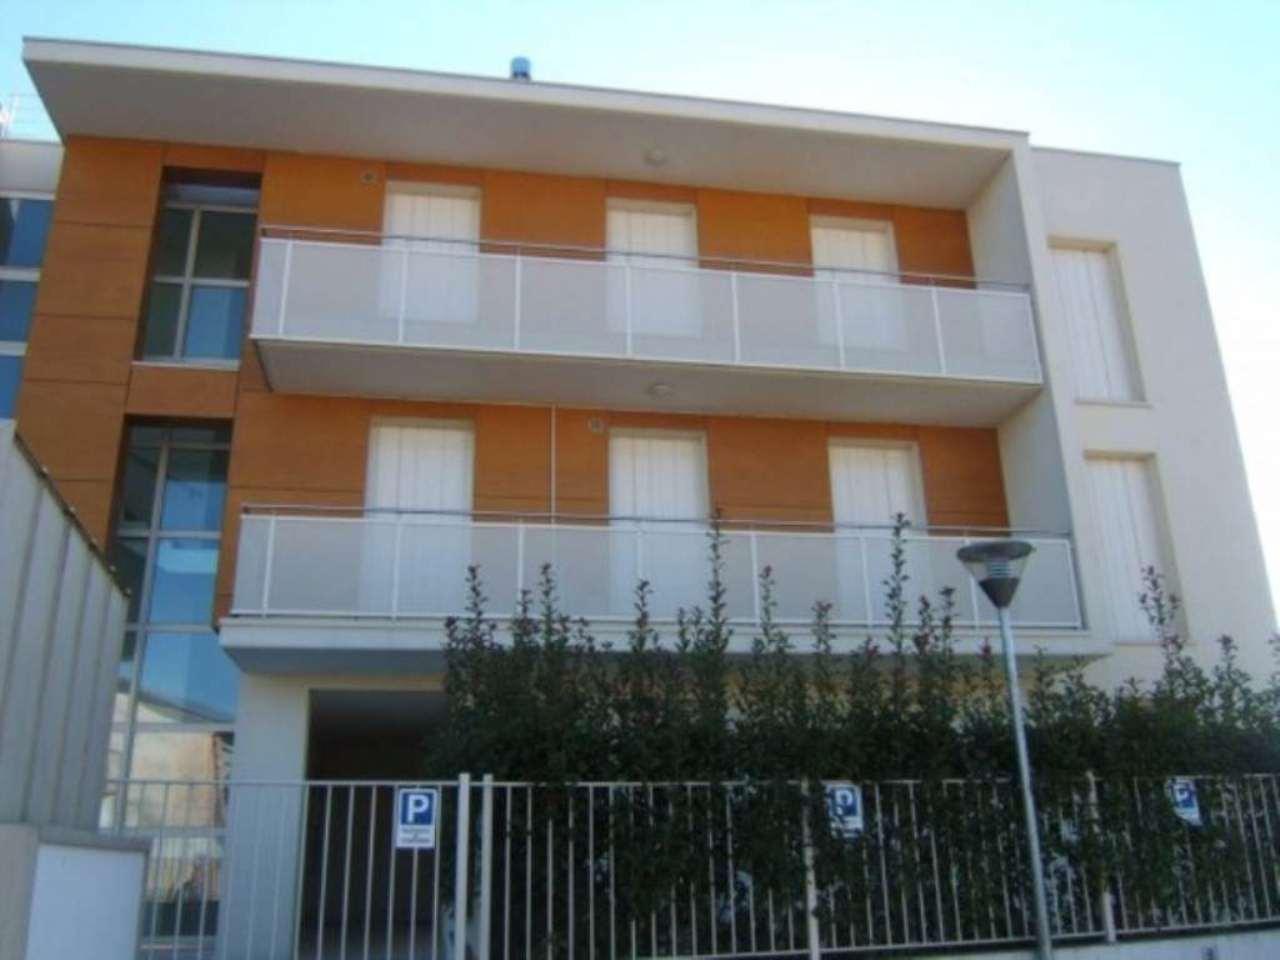 Appartamento in vendita a Venezia, 3 locali, zona Zona: 14 . Favaro Veneto, prezzo € 180.000   CambioCasa.it